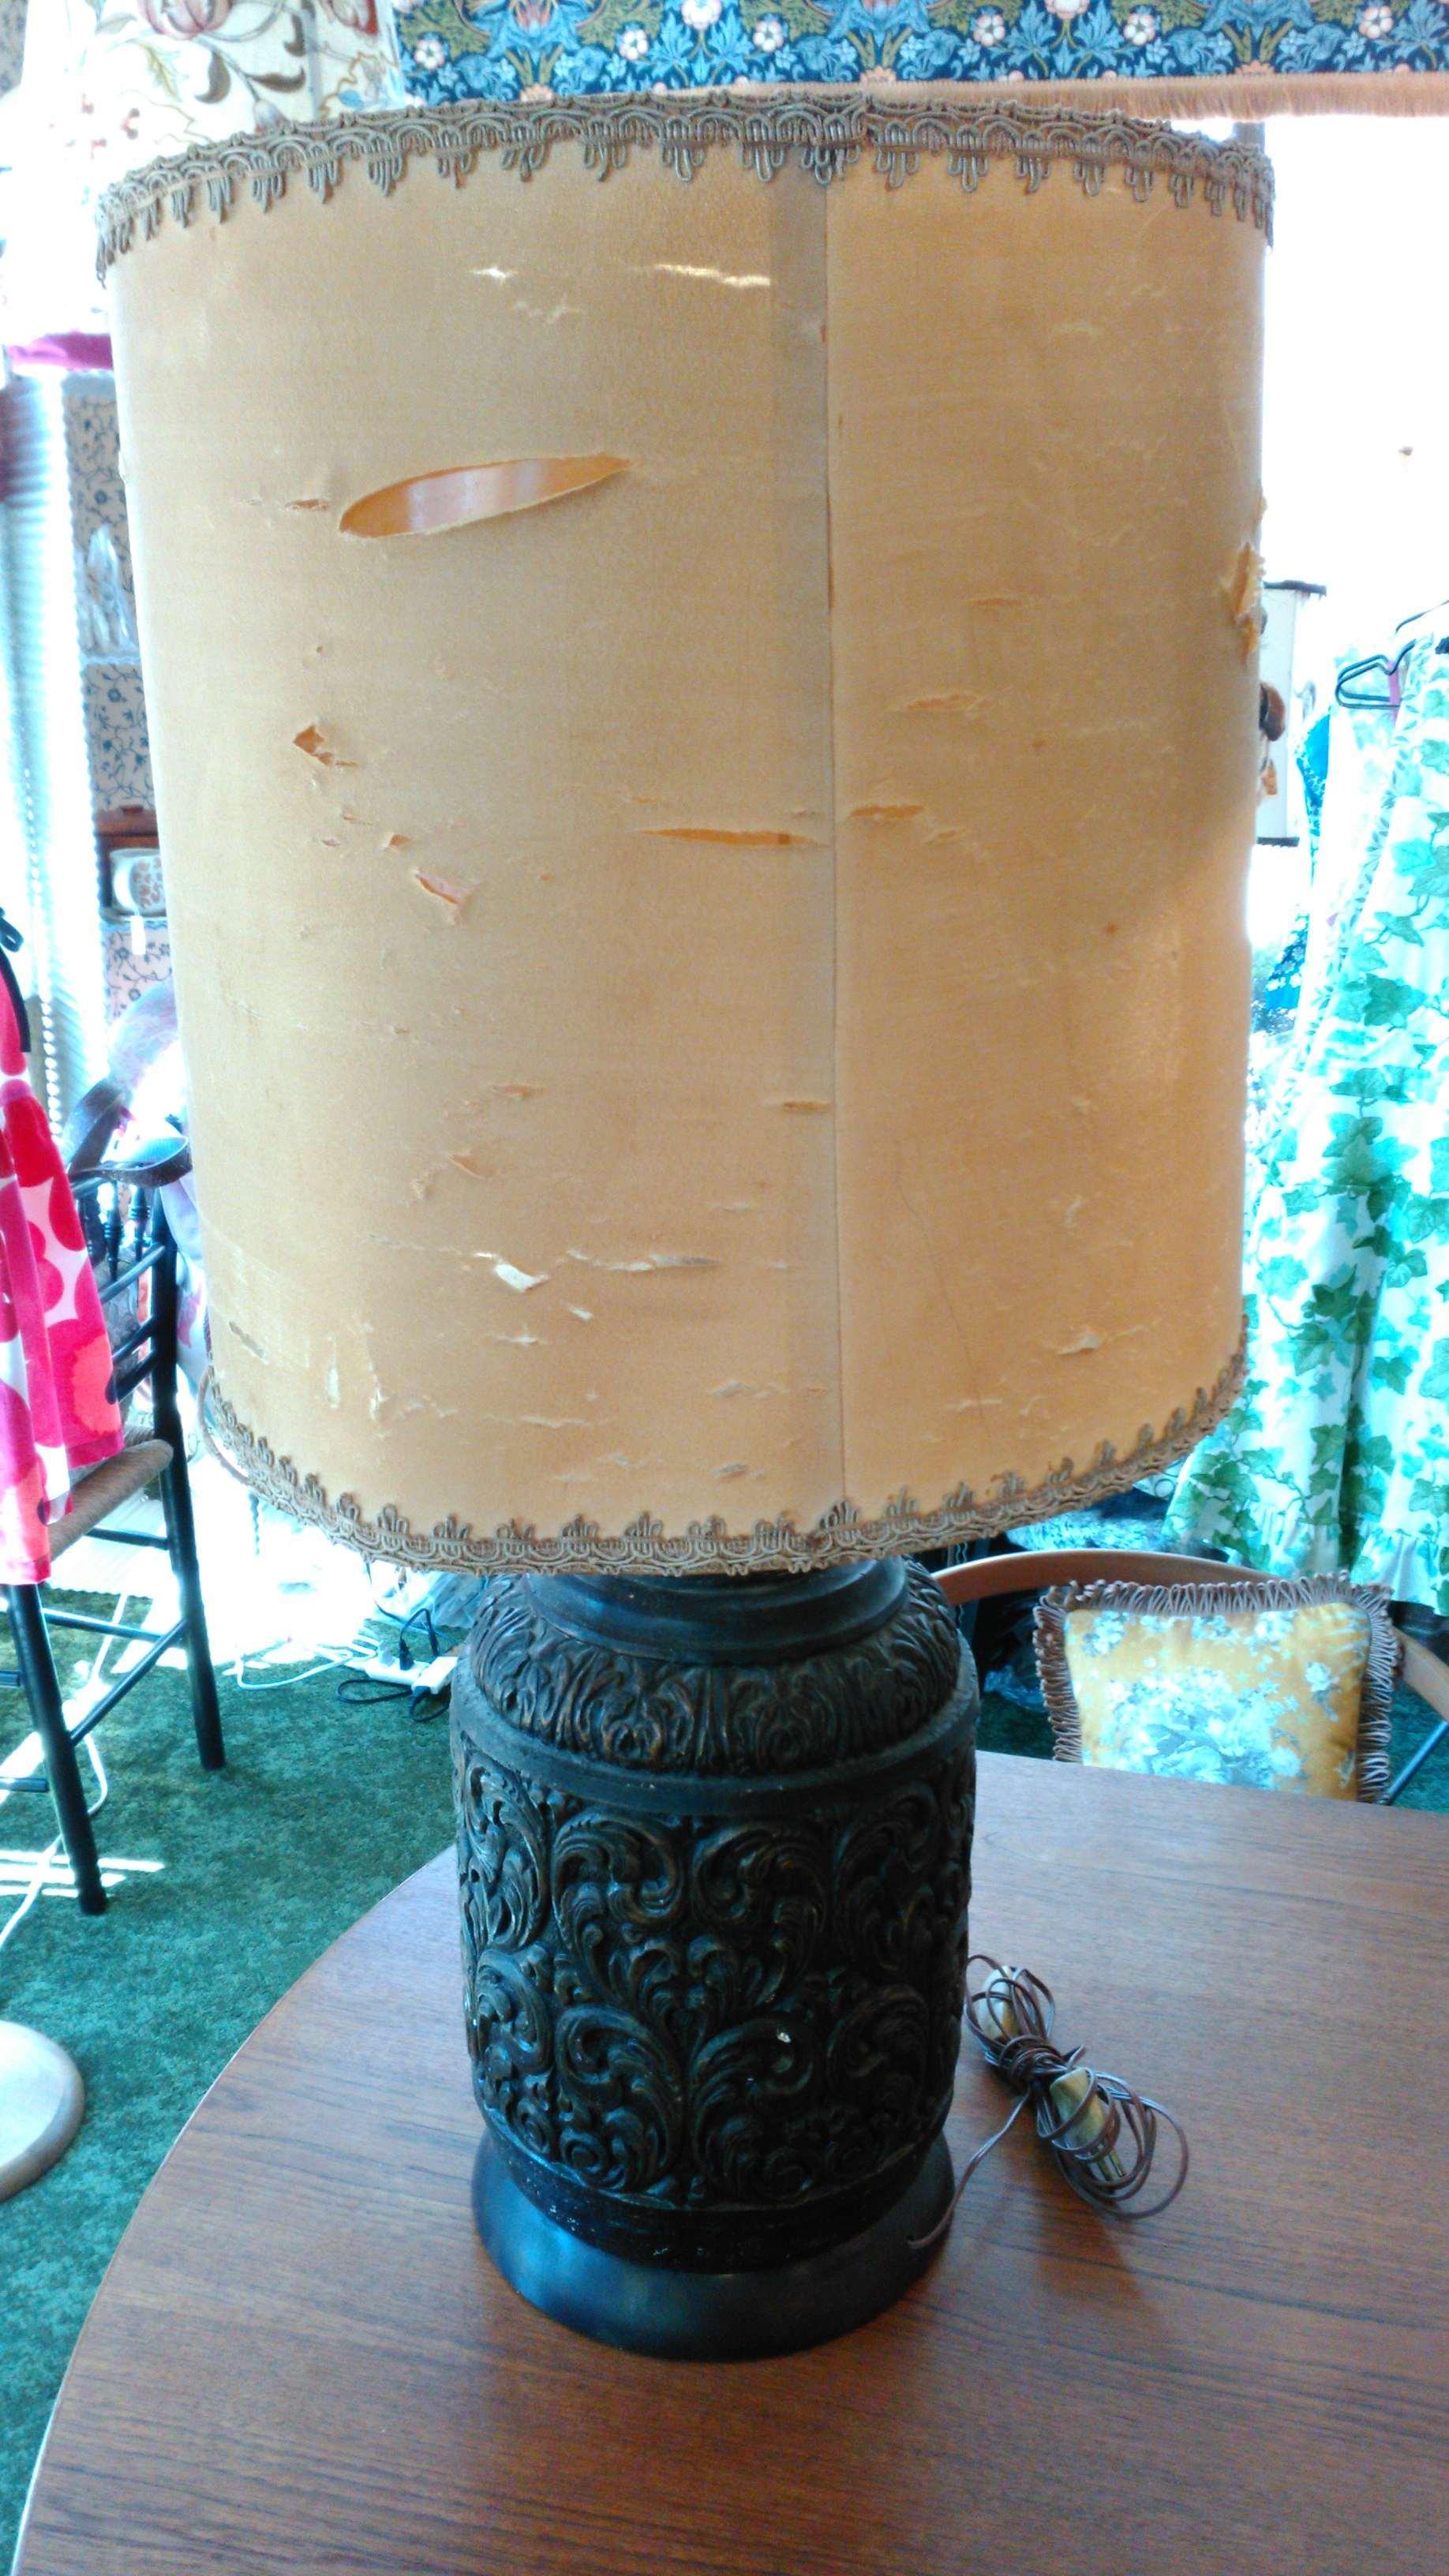 ランプシェード張替・修理 モリス『マリーゴールド』 ウィリアムモリス正規販売店のブライト_c0157866_17334922.jpg